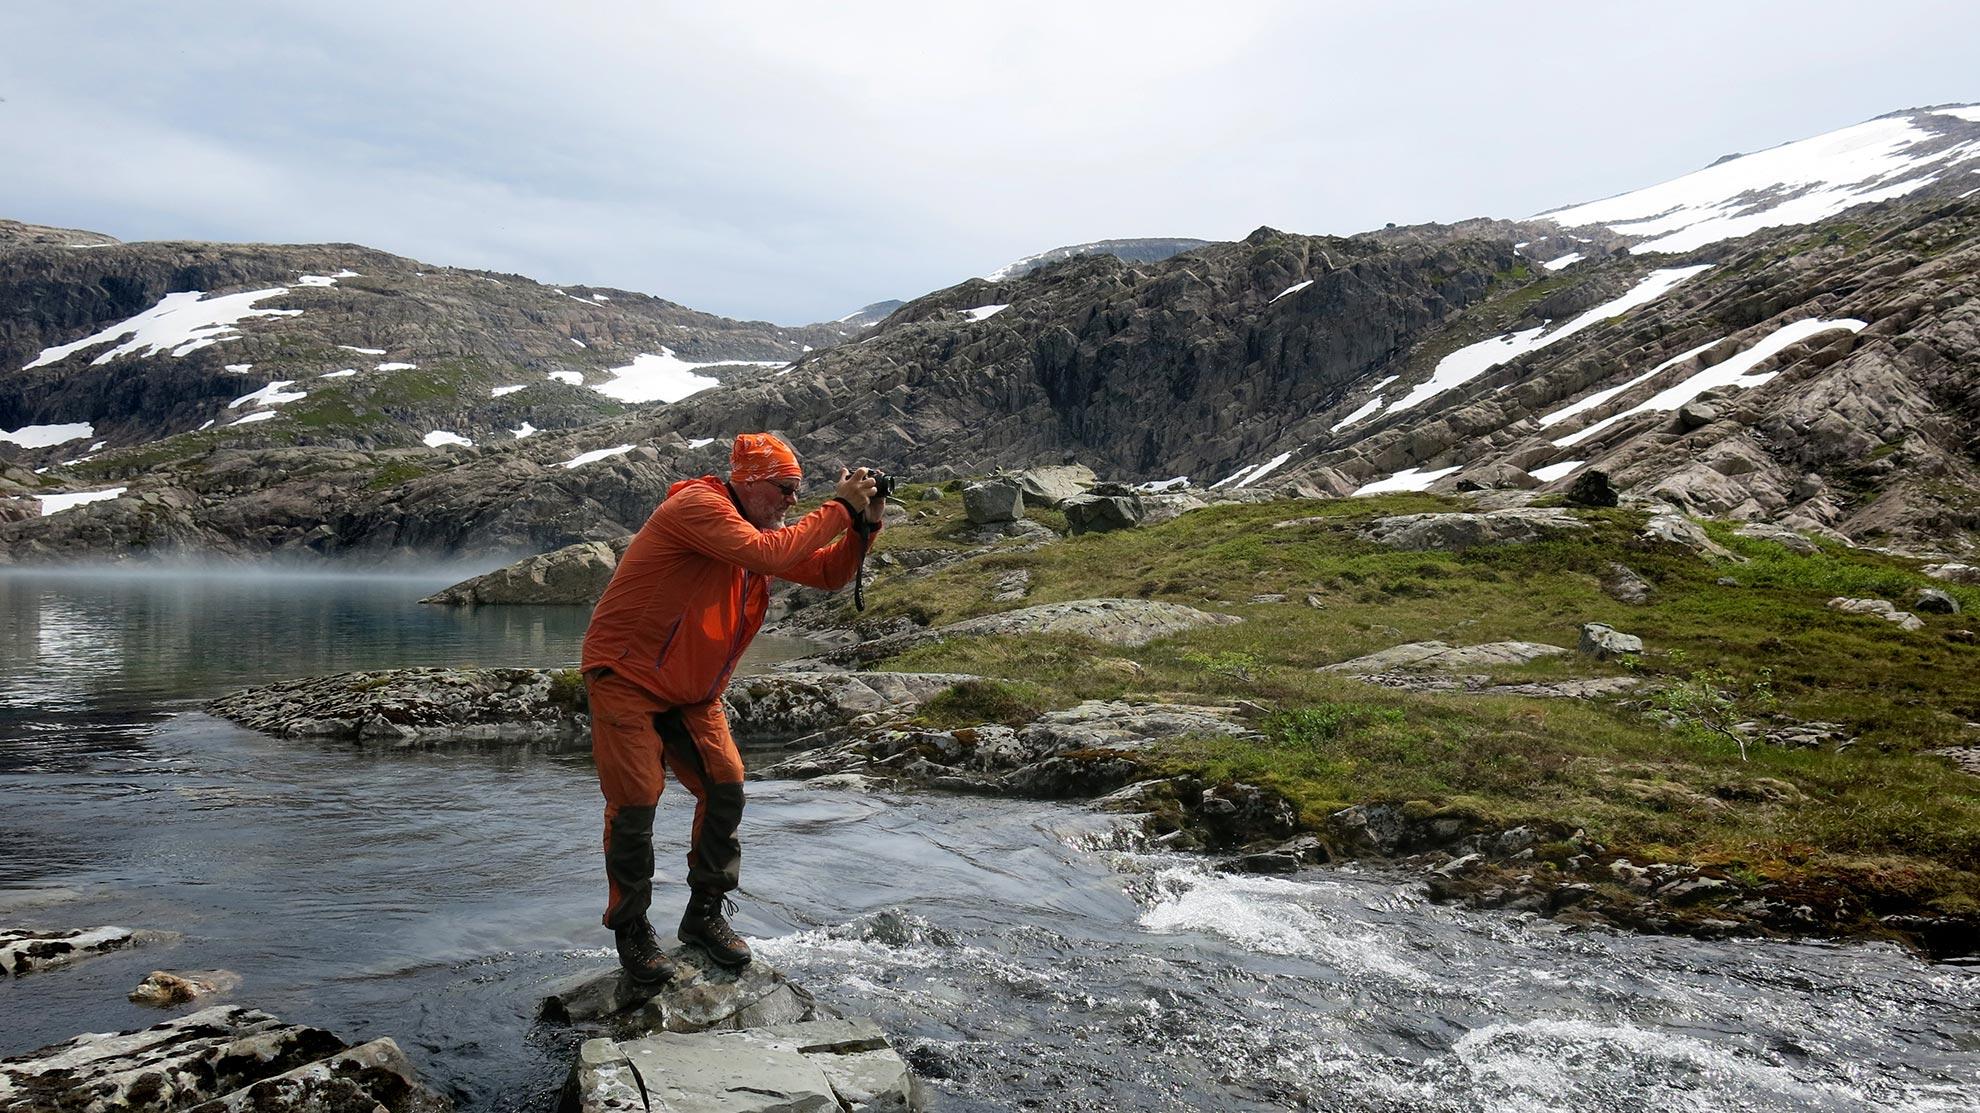 Svenn Petter Kjerpeset frå Svelgen er den flittigaste turmannen på og rundt Ålfotbreen. Han deler tusenvis av naturbilde på sosiale media og med sambygdingane på aldersheimen.